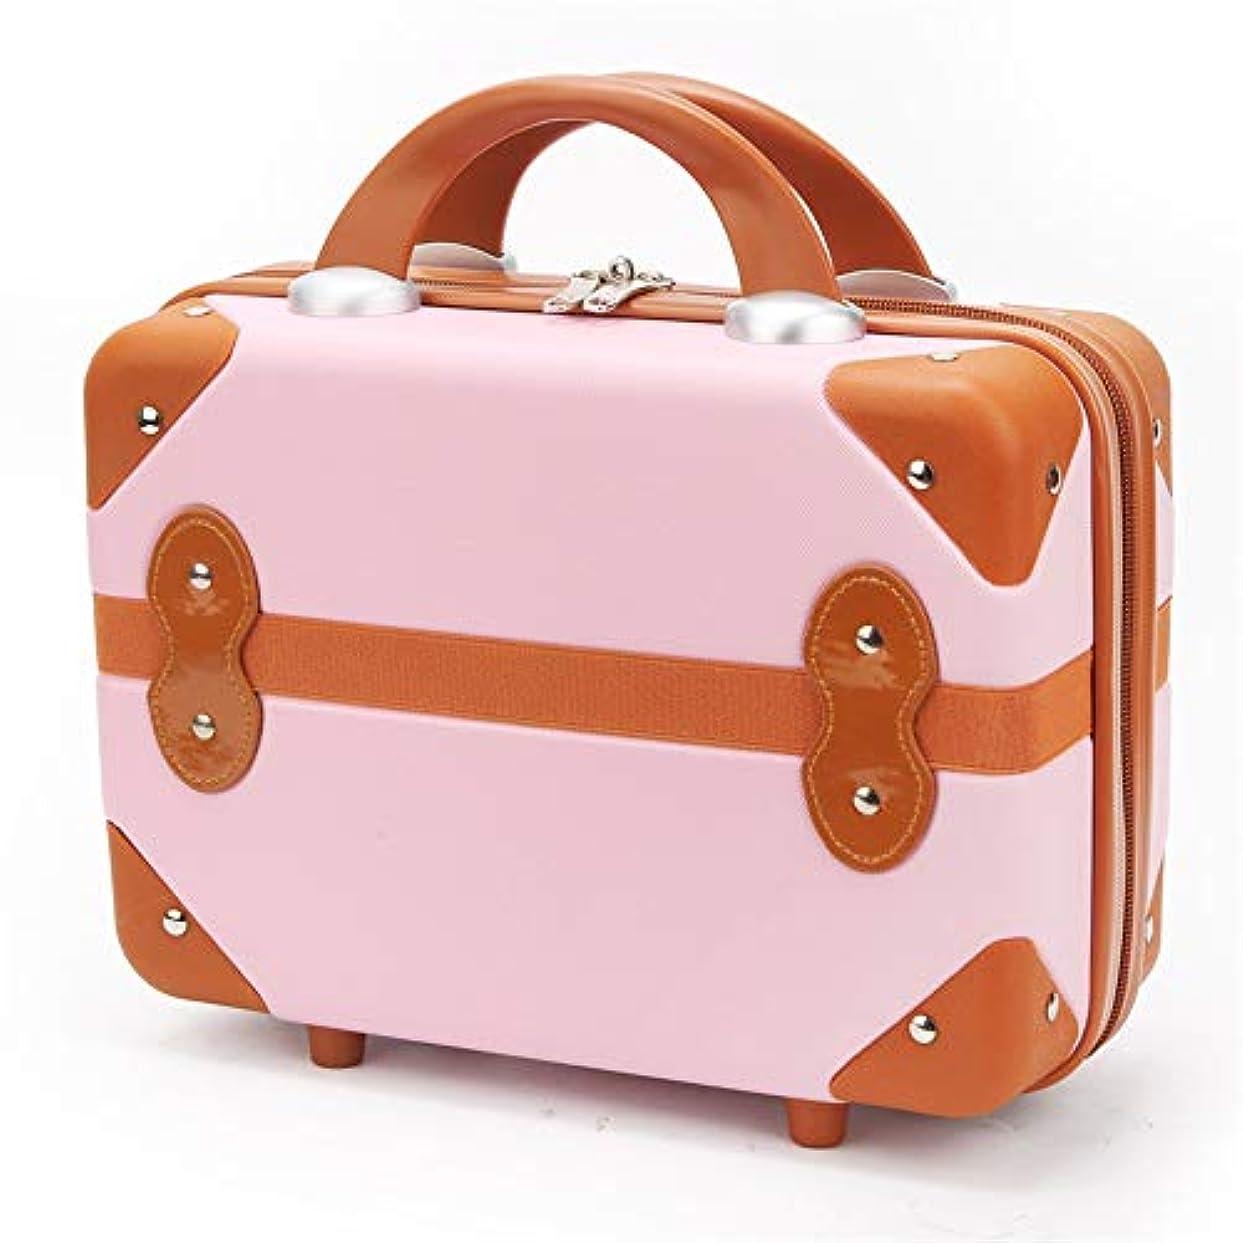 コック鼓舞する話をする特大スペース収納ビューティーボックス 14インチ化粧旅行バッグ防水化粧ケース用十代の女の子女性アーティスト多機能ポータブル旅行 化粧品化粧台